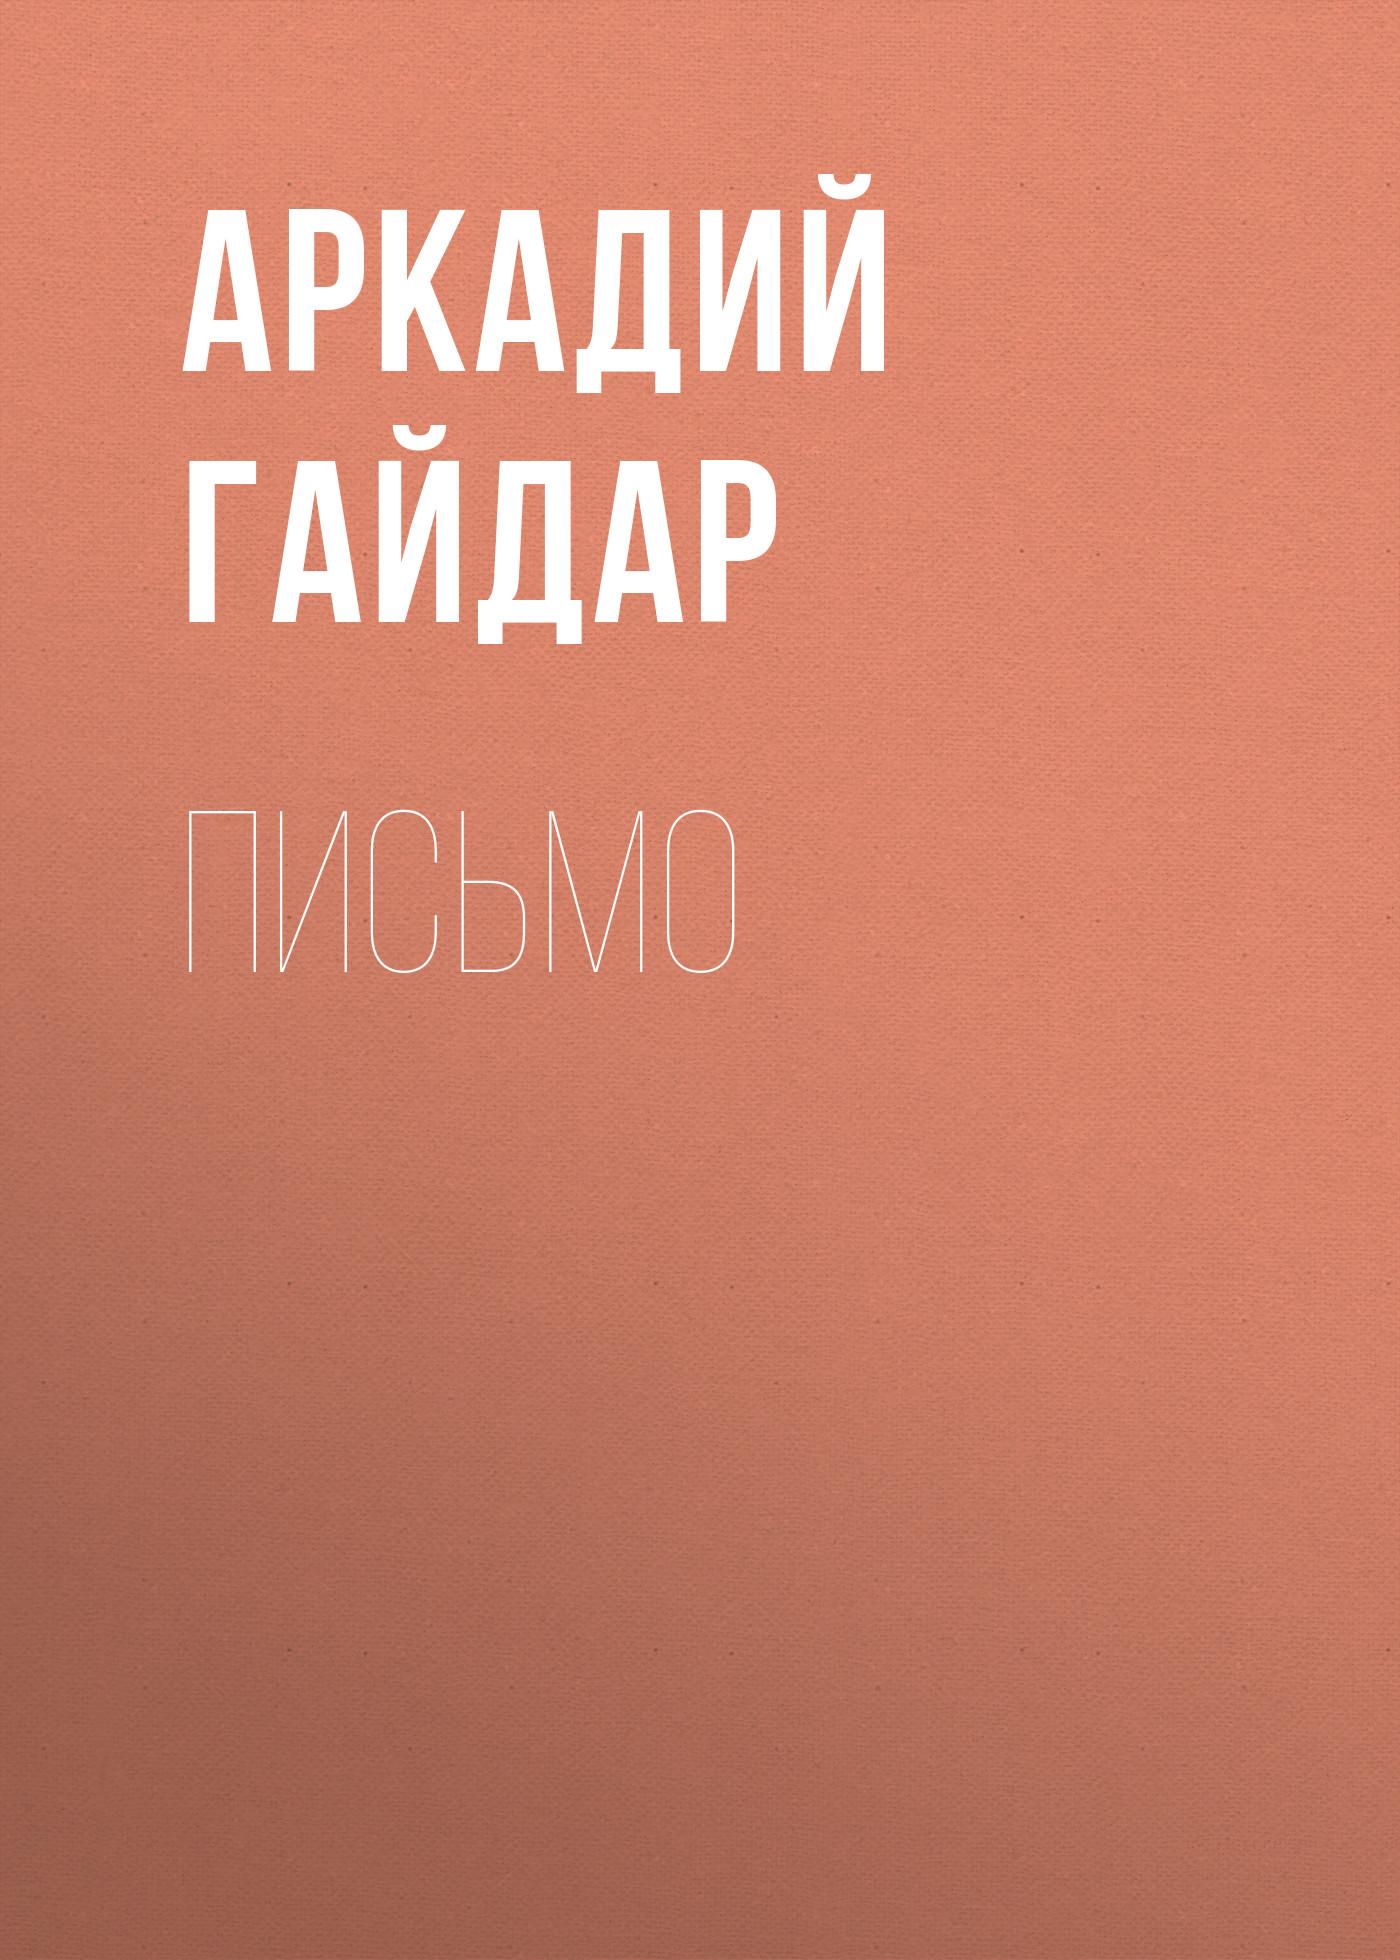 Аркадий Гайдар Письмо printio птичка